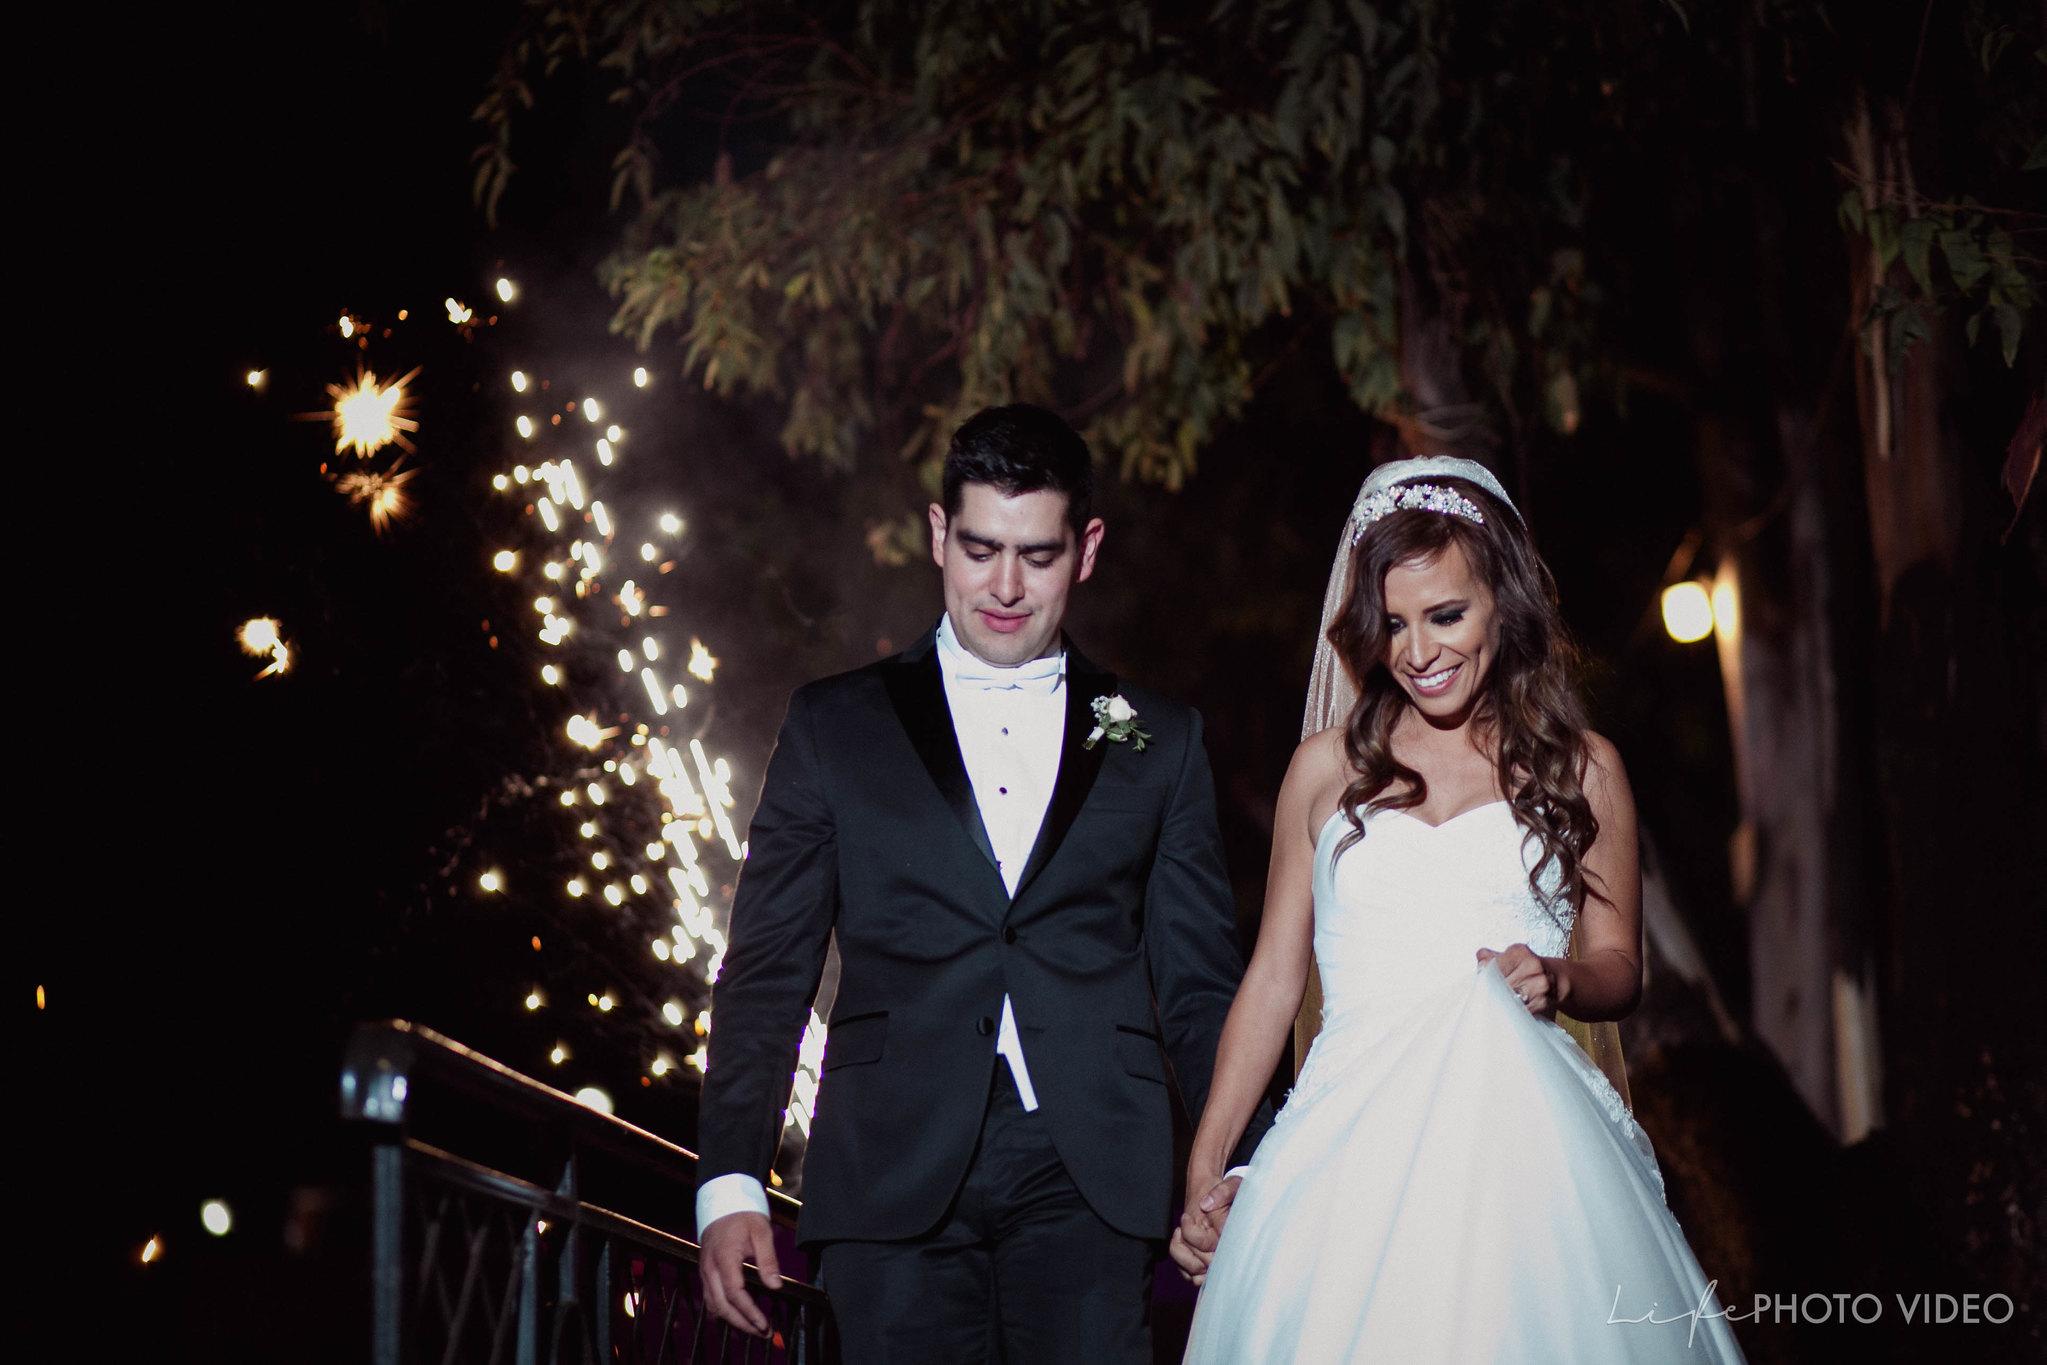 Boda_LeonGto_Wedding_LifePhotoVideo_0050.jpg